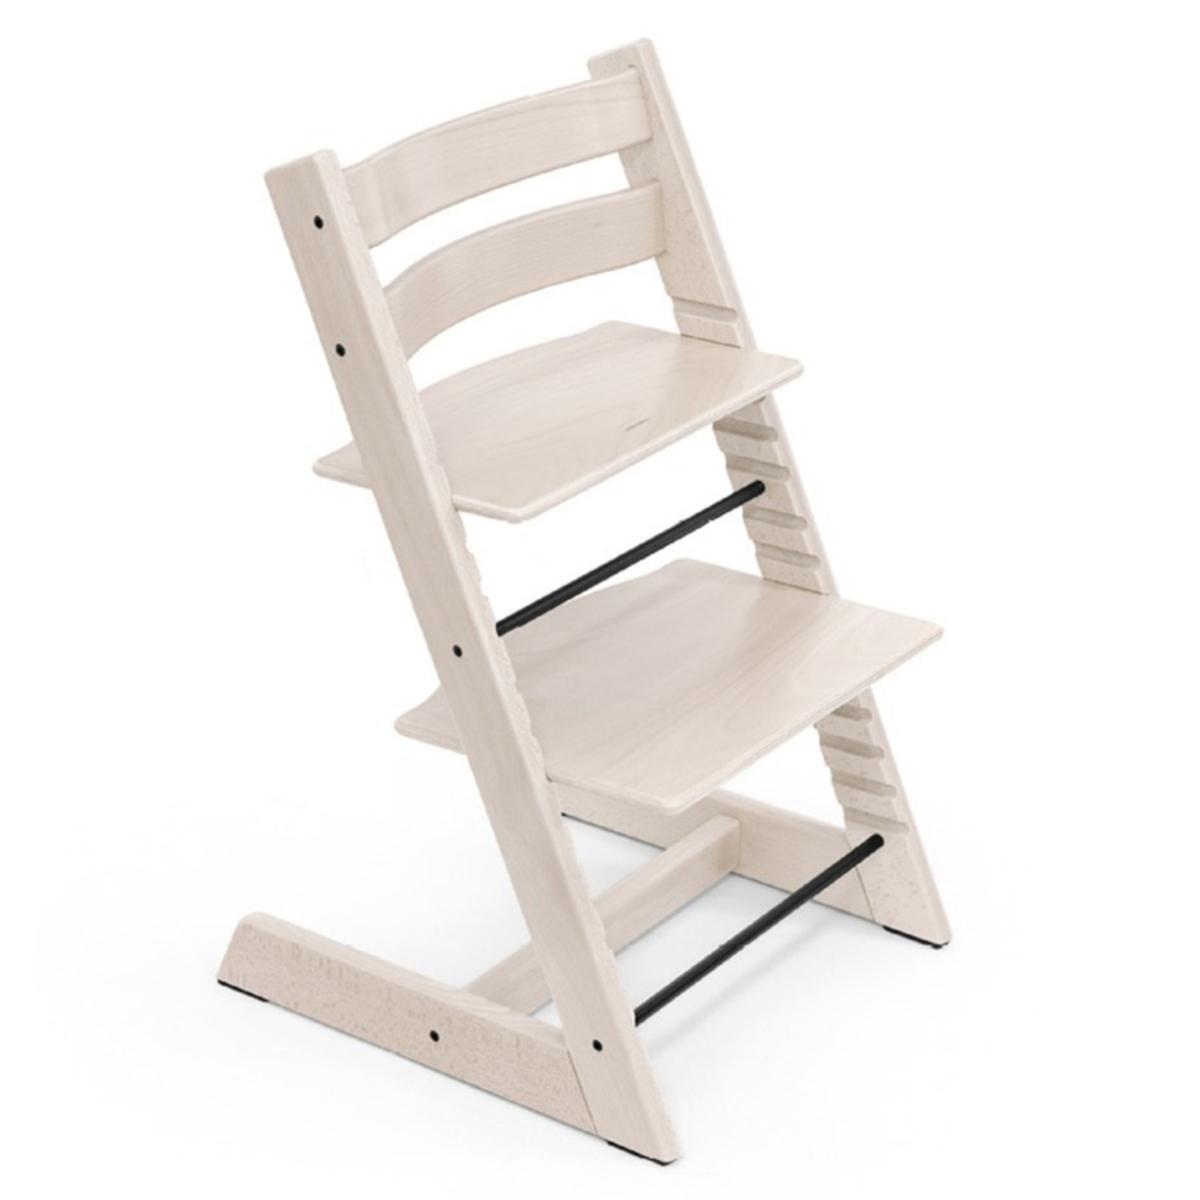 Chaise haute Chaise Haute Tripp Trapp - Hêtre Blanchi Chaise Haute Tripp Trapp - Hêtre Blanchi